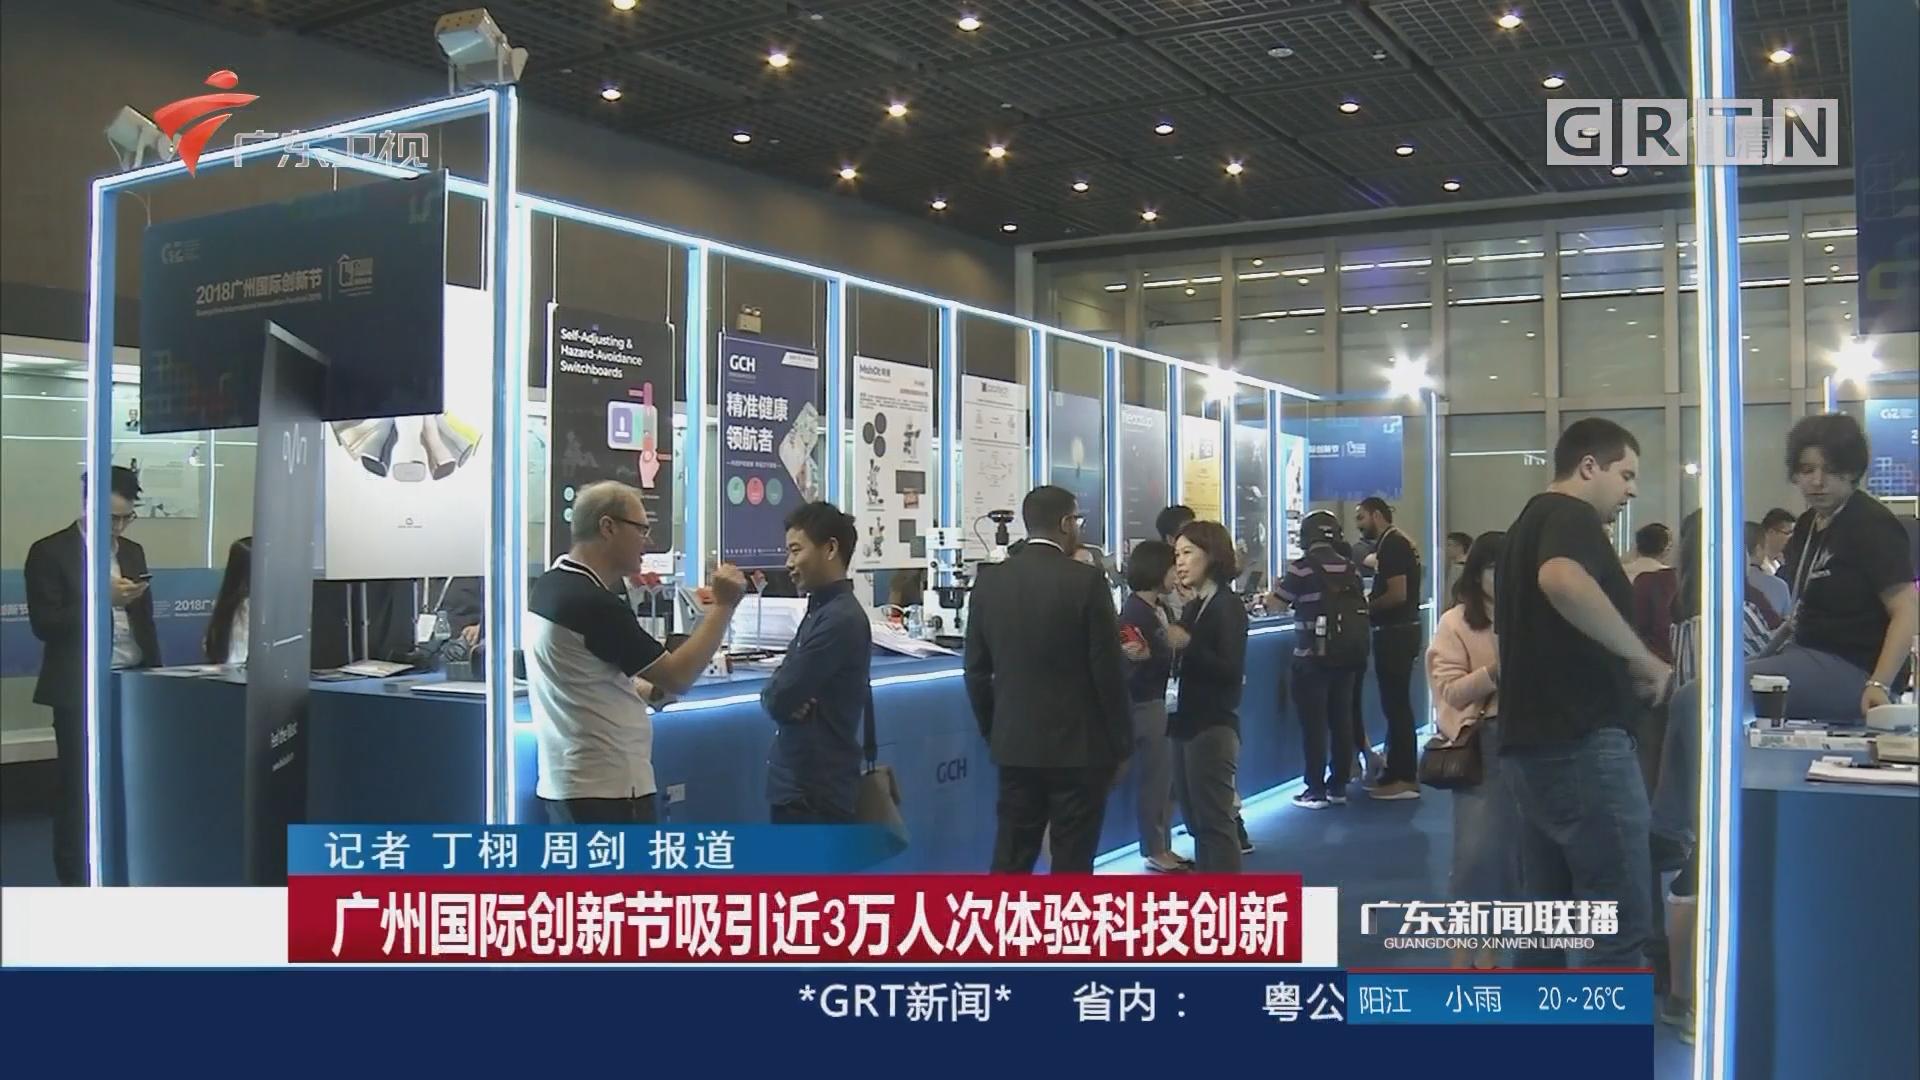 广州国际创新节吸引近3万人次体验科技创新